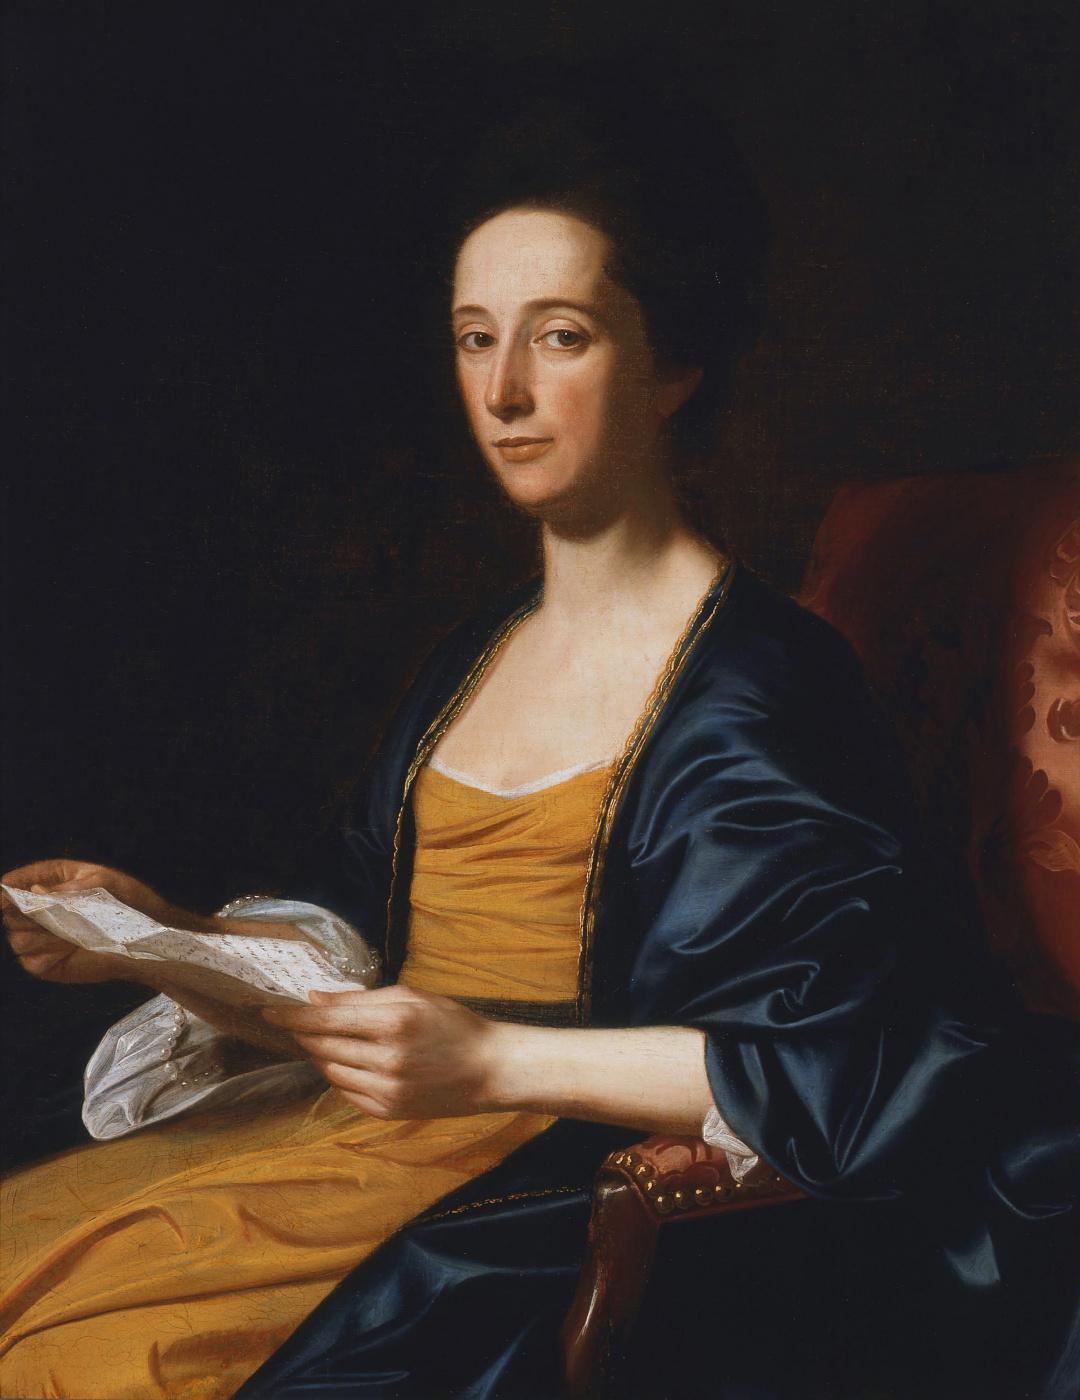 John Singleton Copley. Portrait of a woman